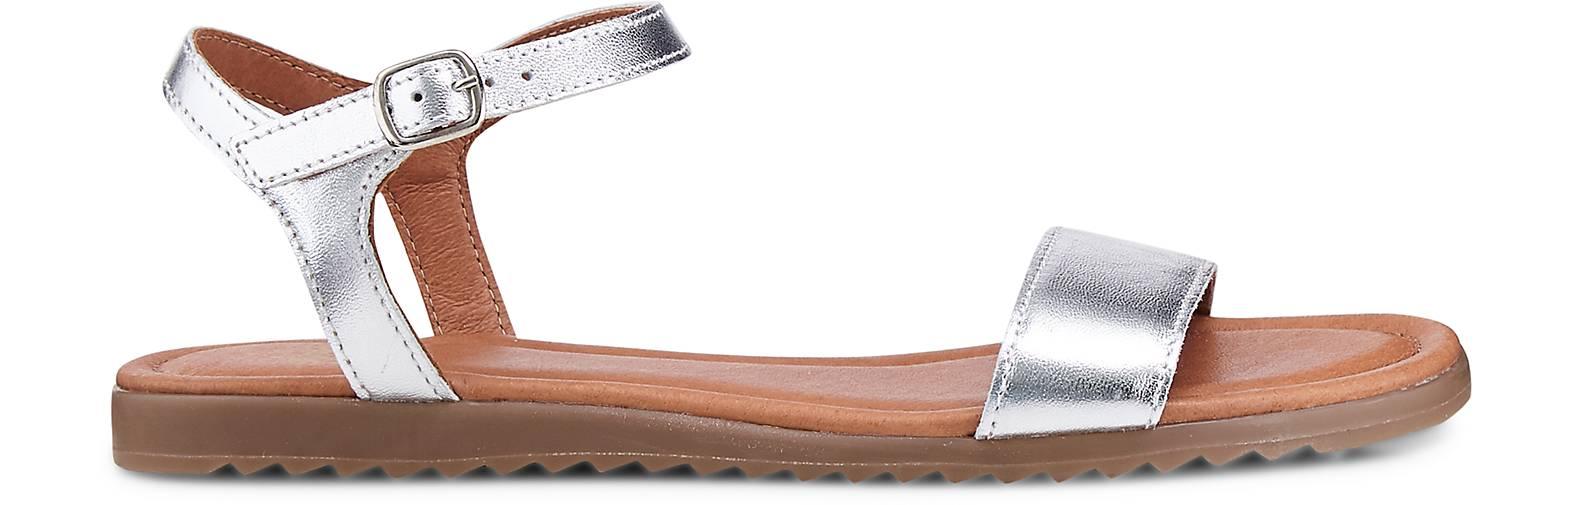 Apple of Eden Sandalette LARA in silber kaufen - - - 46846005 GÖRTZ Gute Qualität beliebte Schuhe 8f8f92